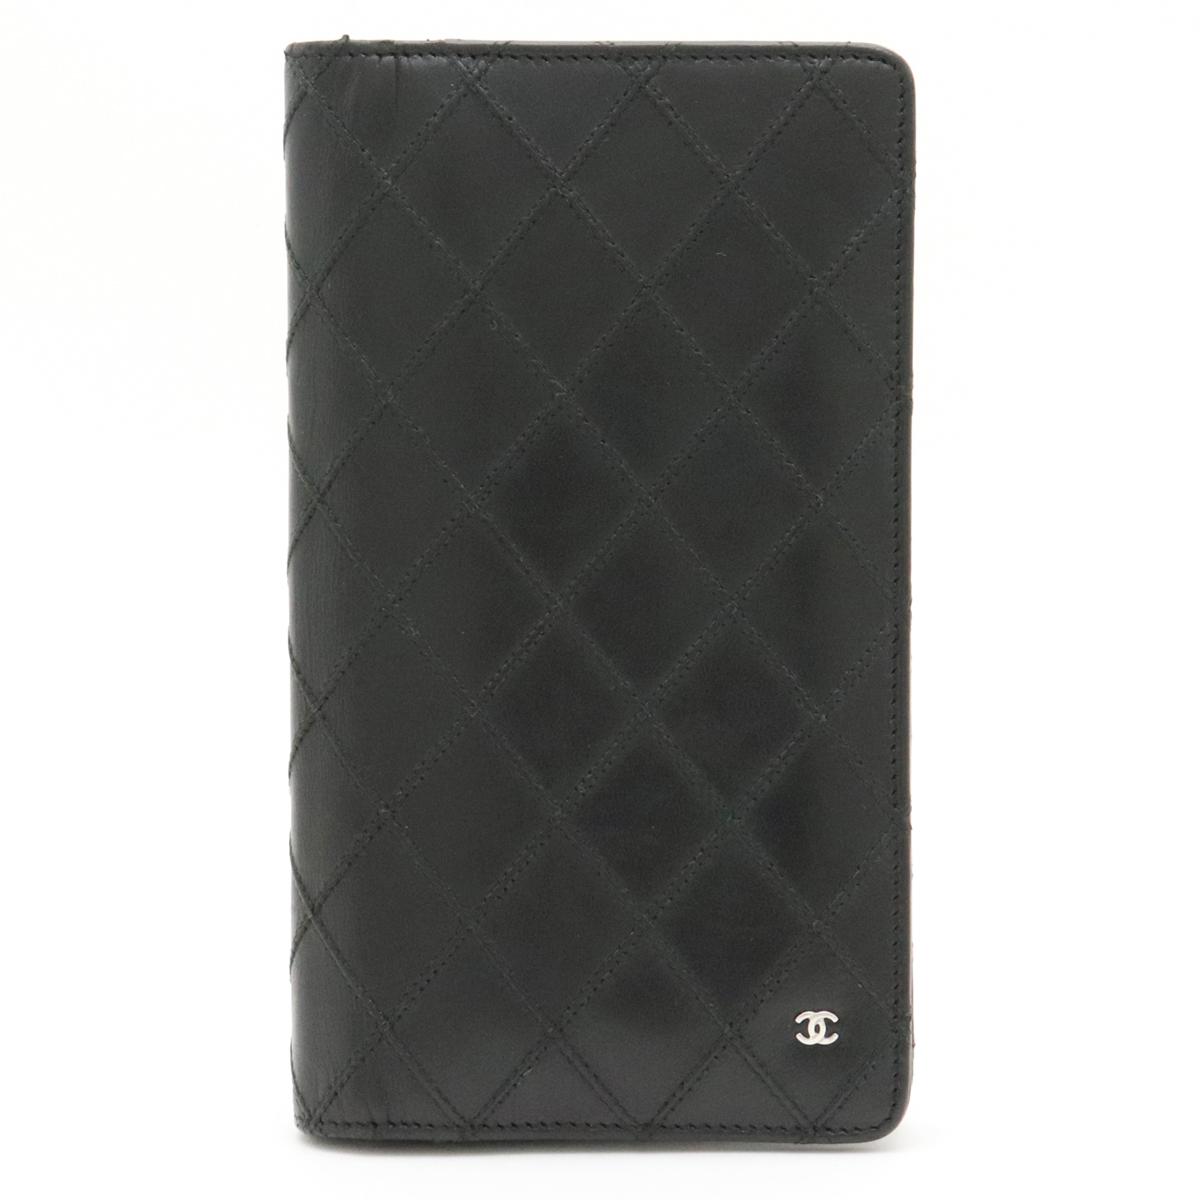 【財布】CHANEL シャネル ビコローレ ココマーク 2つ折長財布 二つ折長財布 レザー 黒 ブラック シルバー金具 【中古】